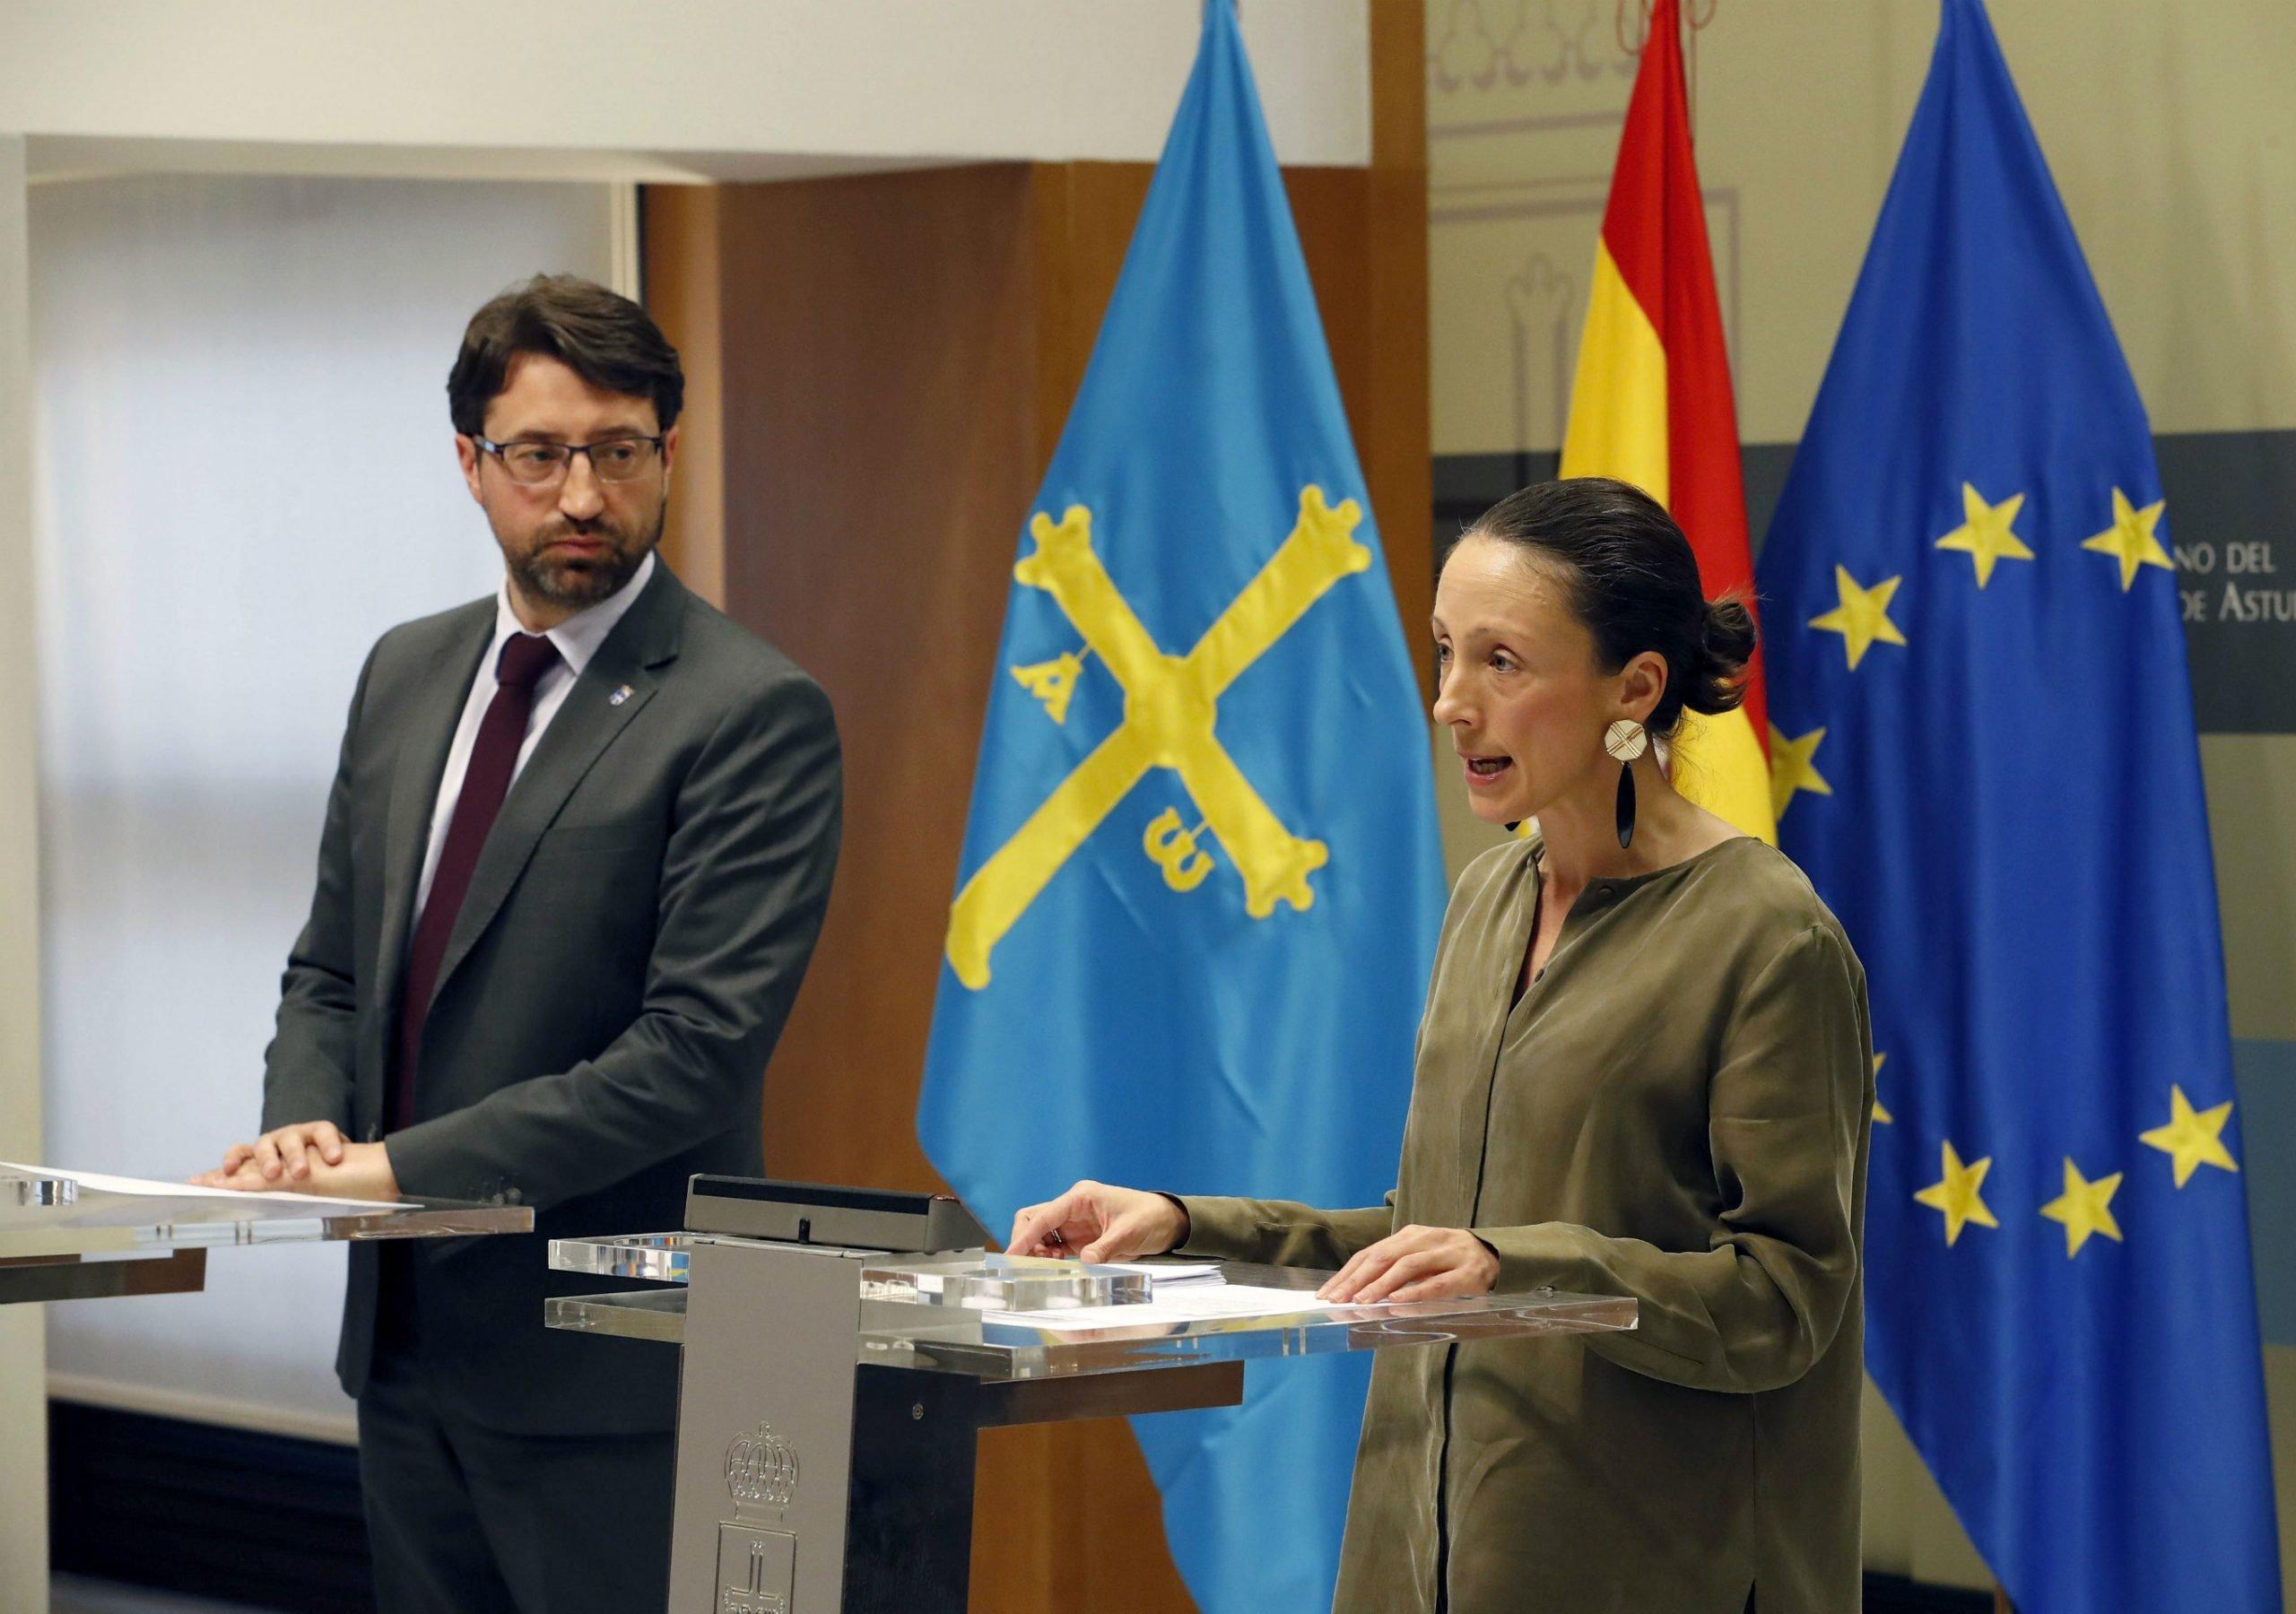 El Gobierno de Asturias firma un convenio con seis bancos para adelantar las  prestaciones de desempleo a trabajadores afectados por ERTE. Y abre una línea de financiación para pymes dotada con 10 millones de euros